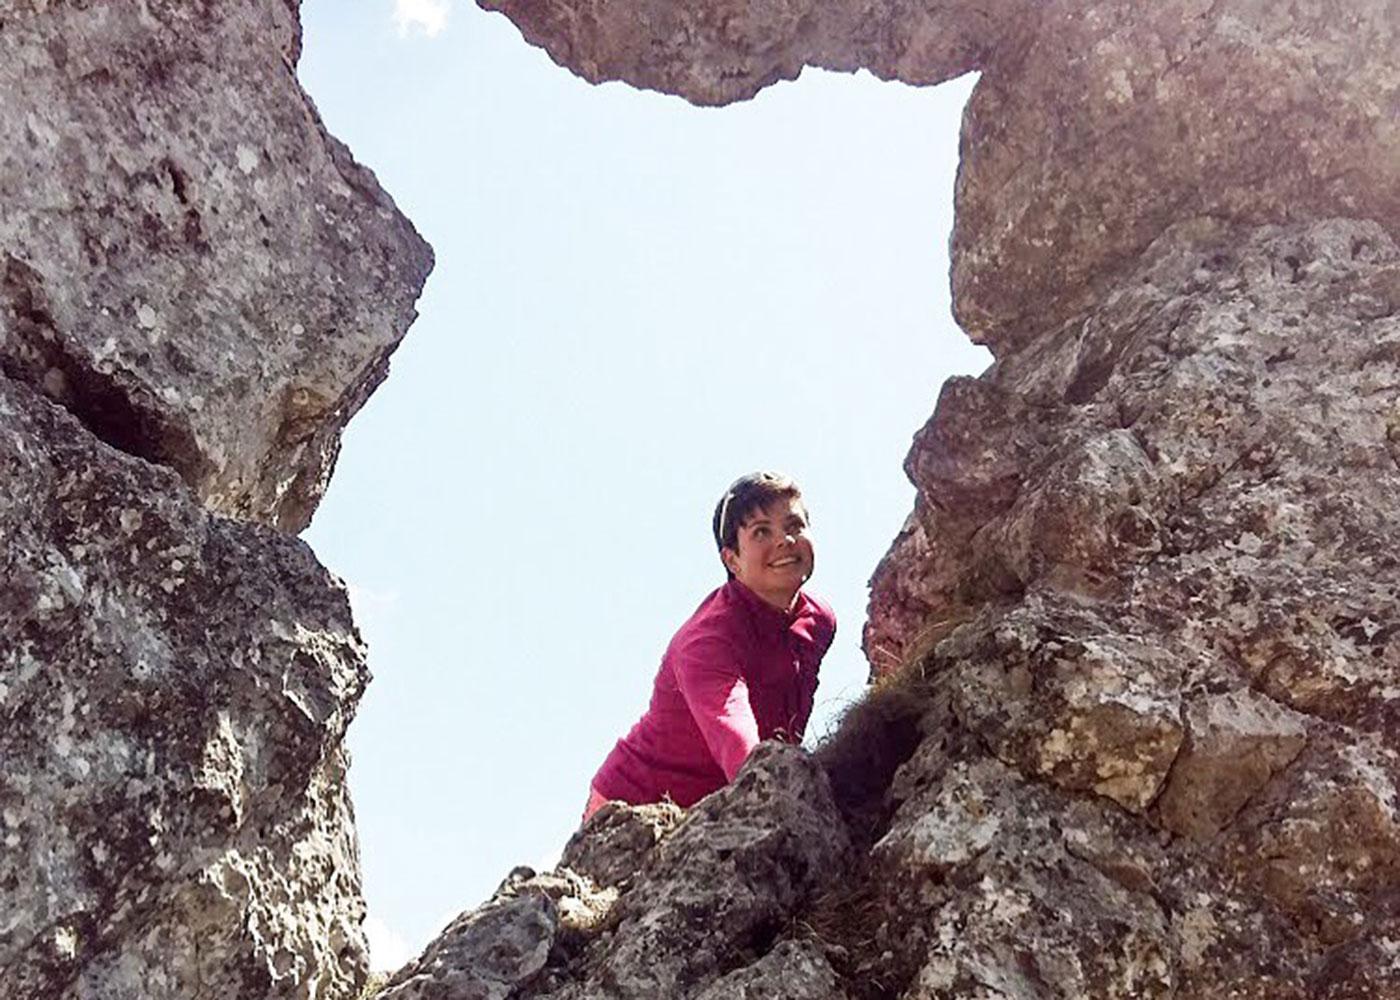 Munich Mountain Girl Philine Lietzmann beim Bergsteigen